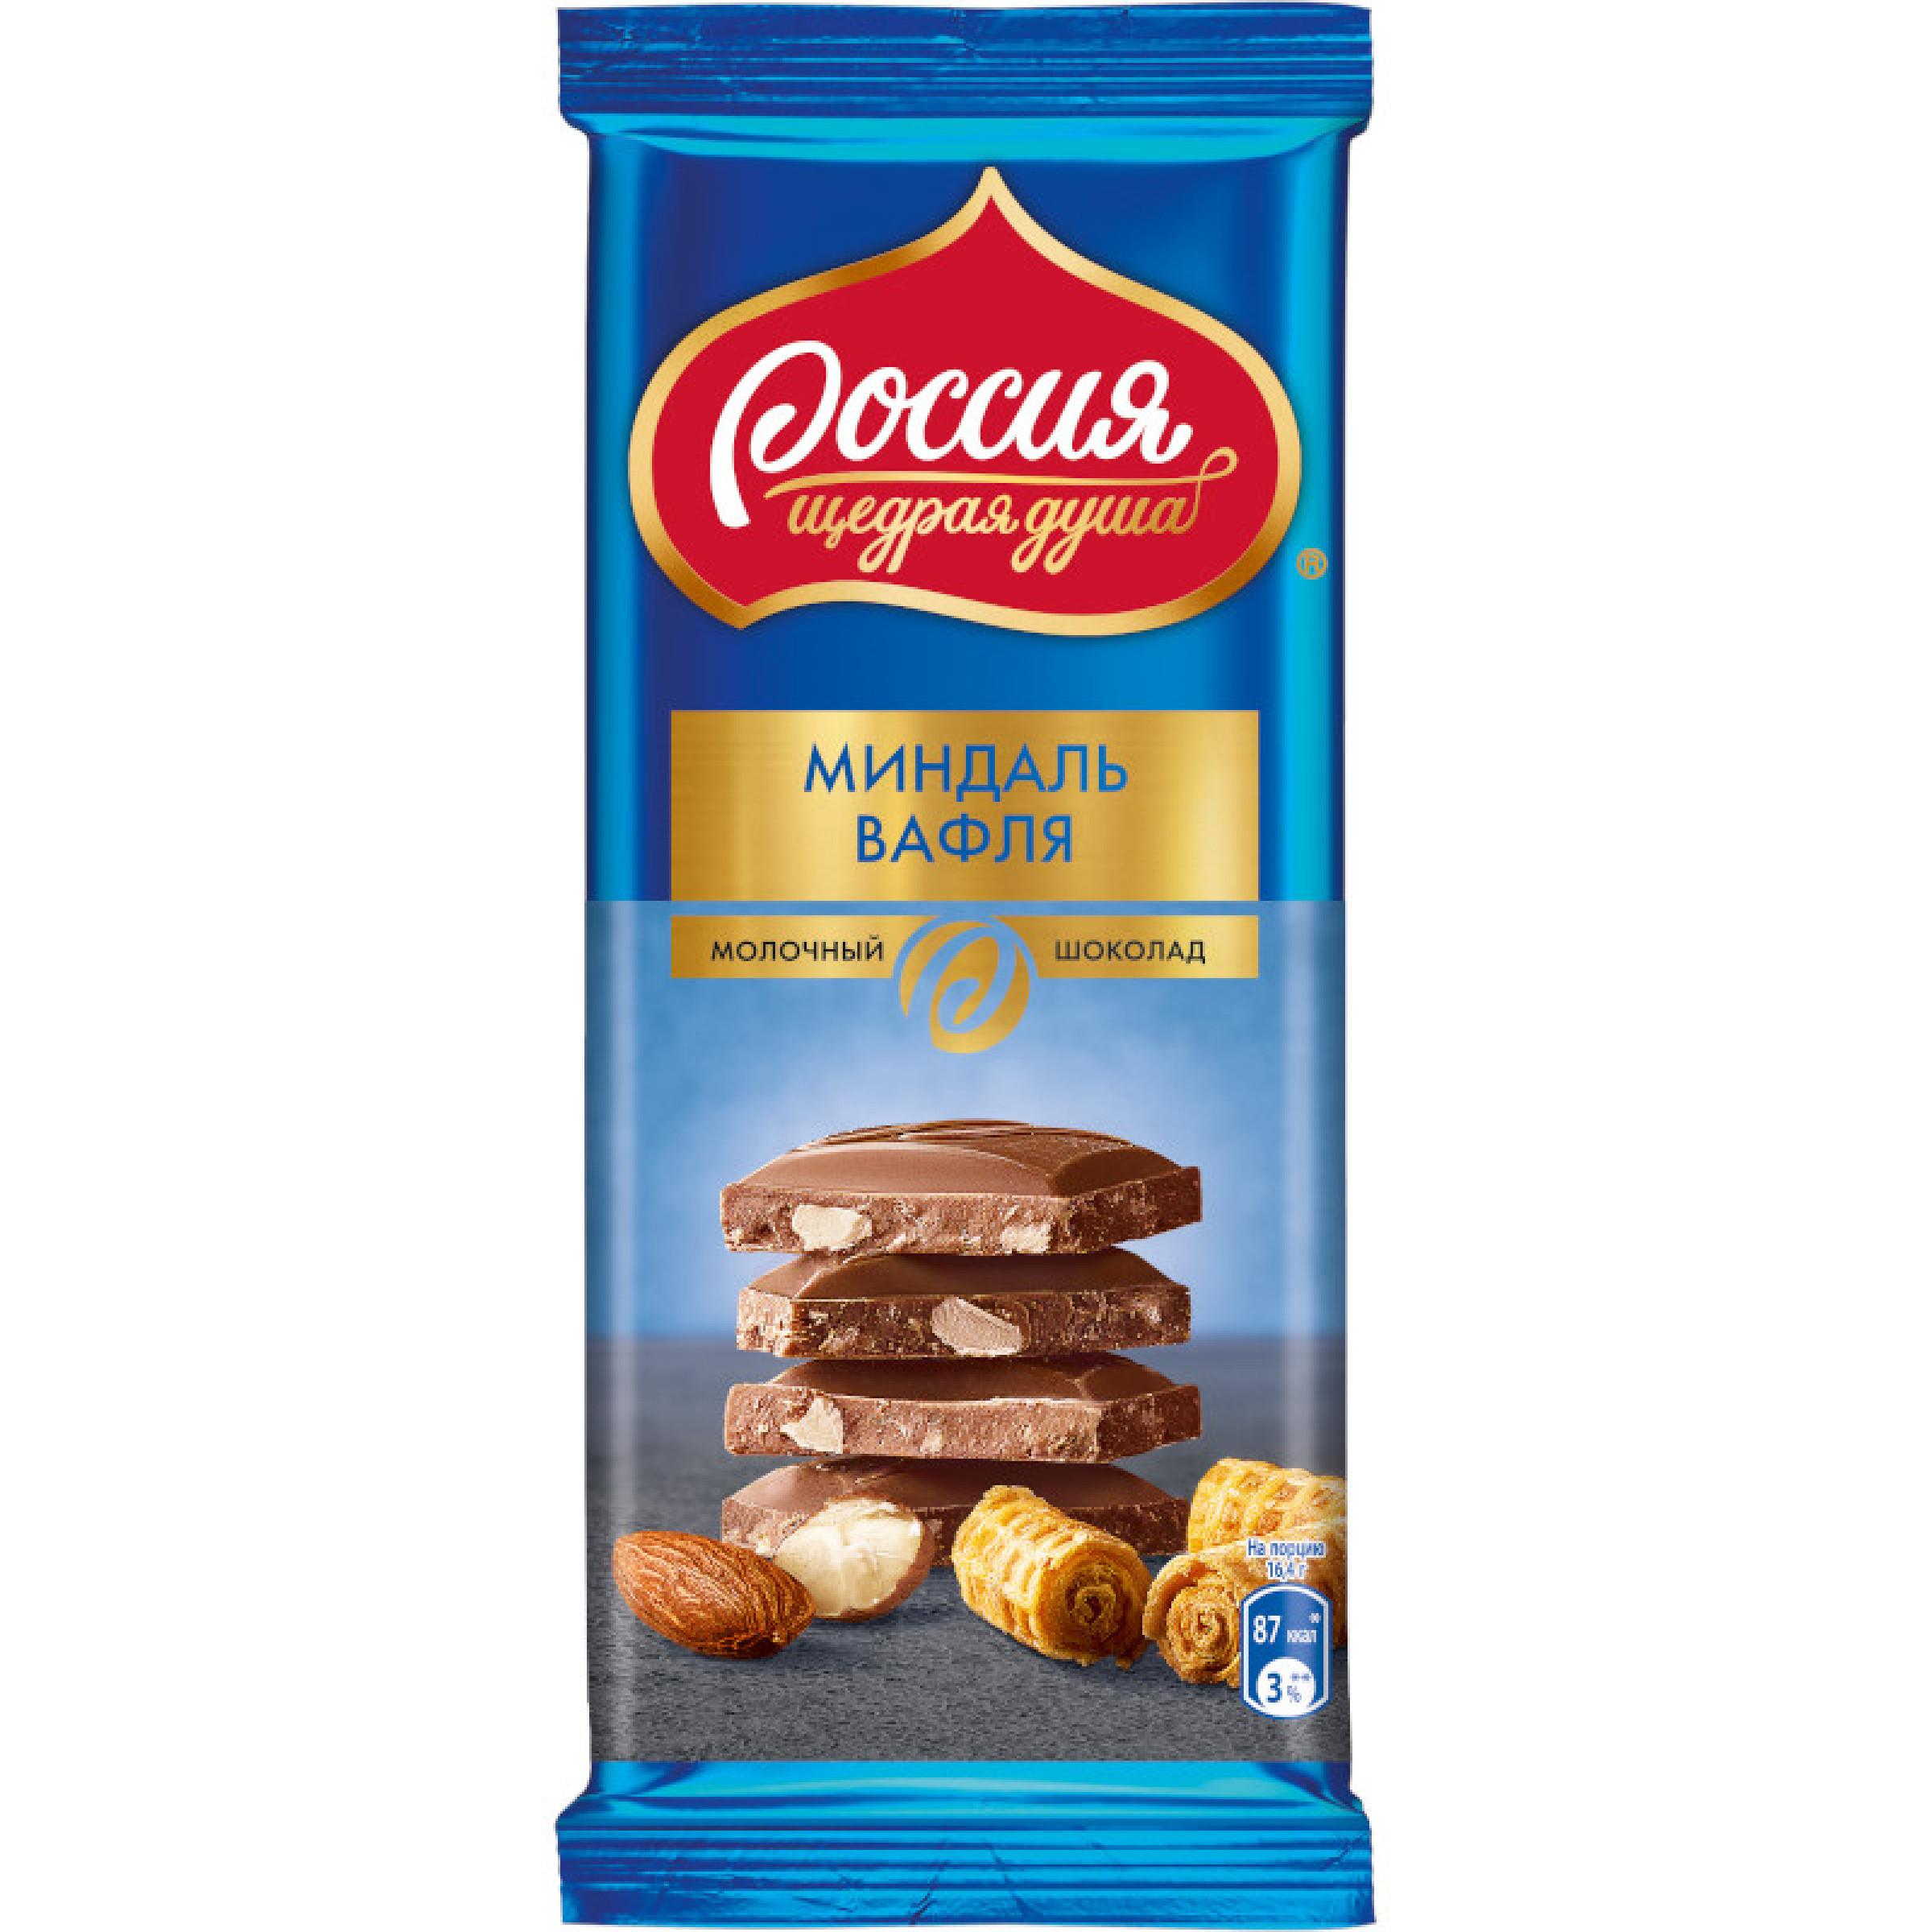 """Молочный шоколад """"Россия - щедрая душа!"""" с миндалем и вафлей, 82 г"""